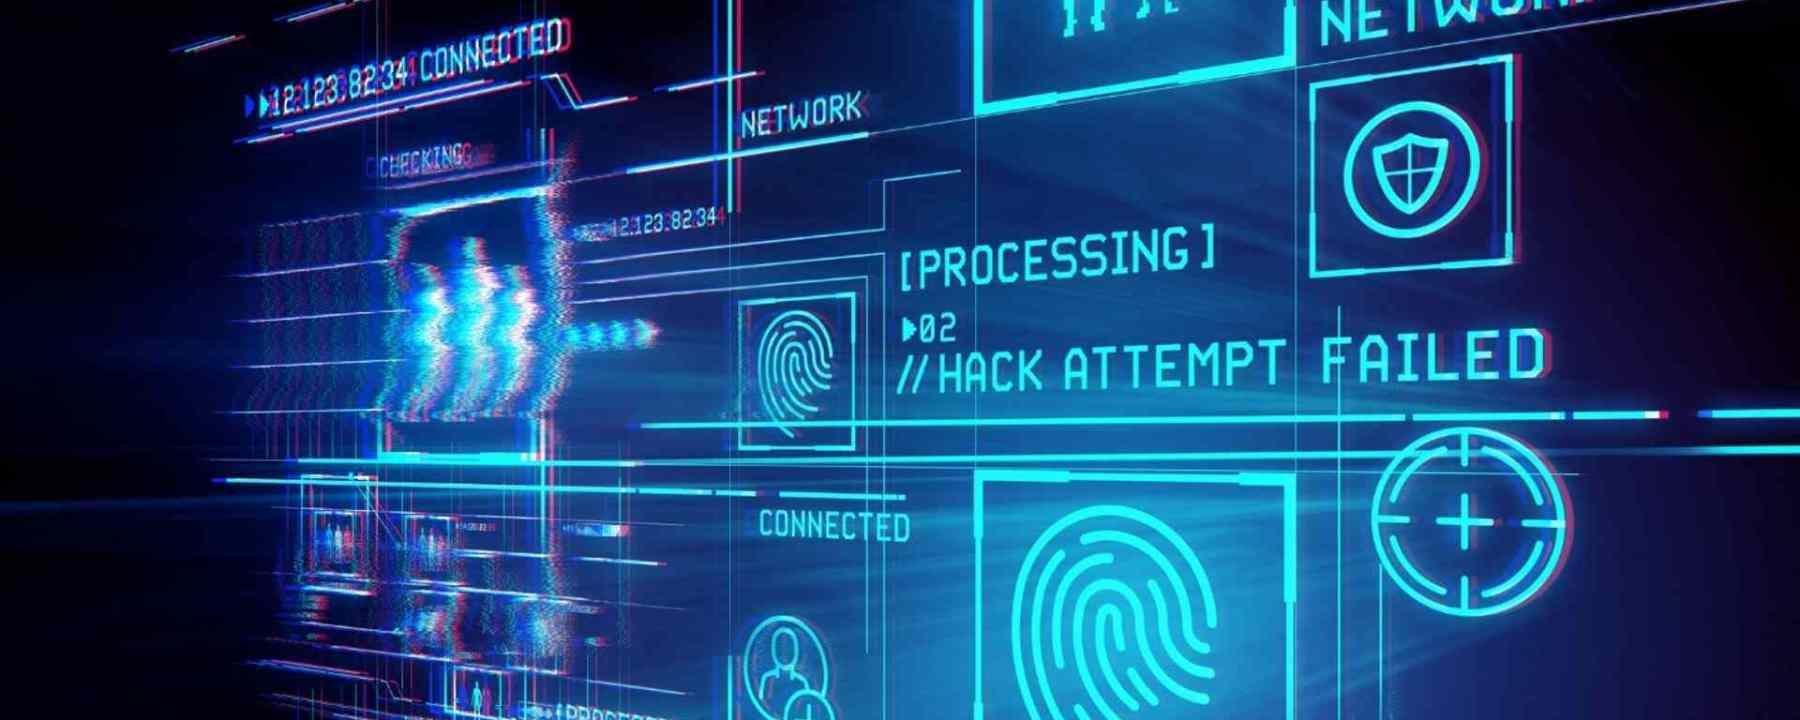 Reconoce el último intento de phishing de Correos y otras amenazas similares